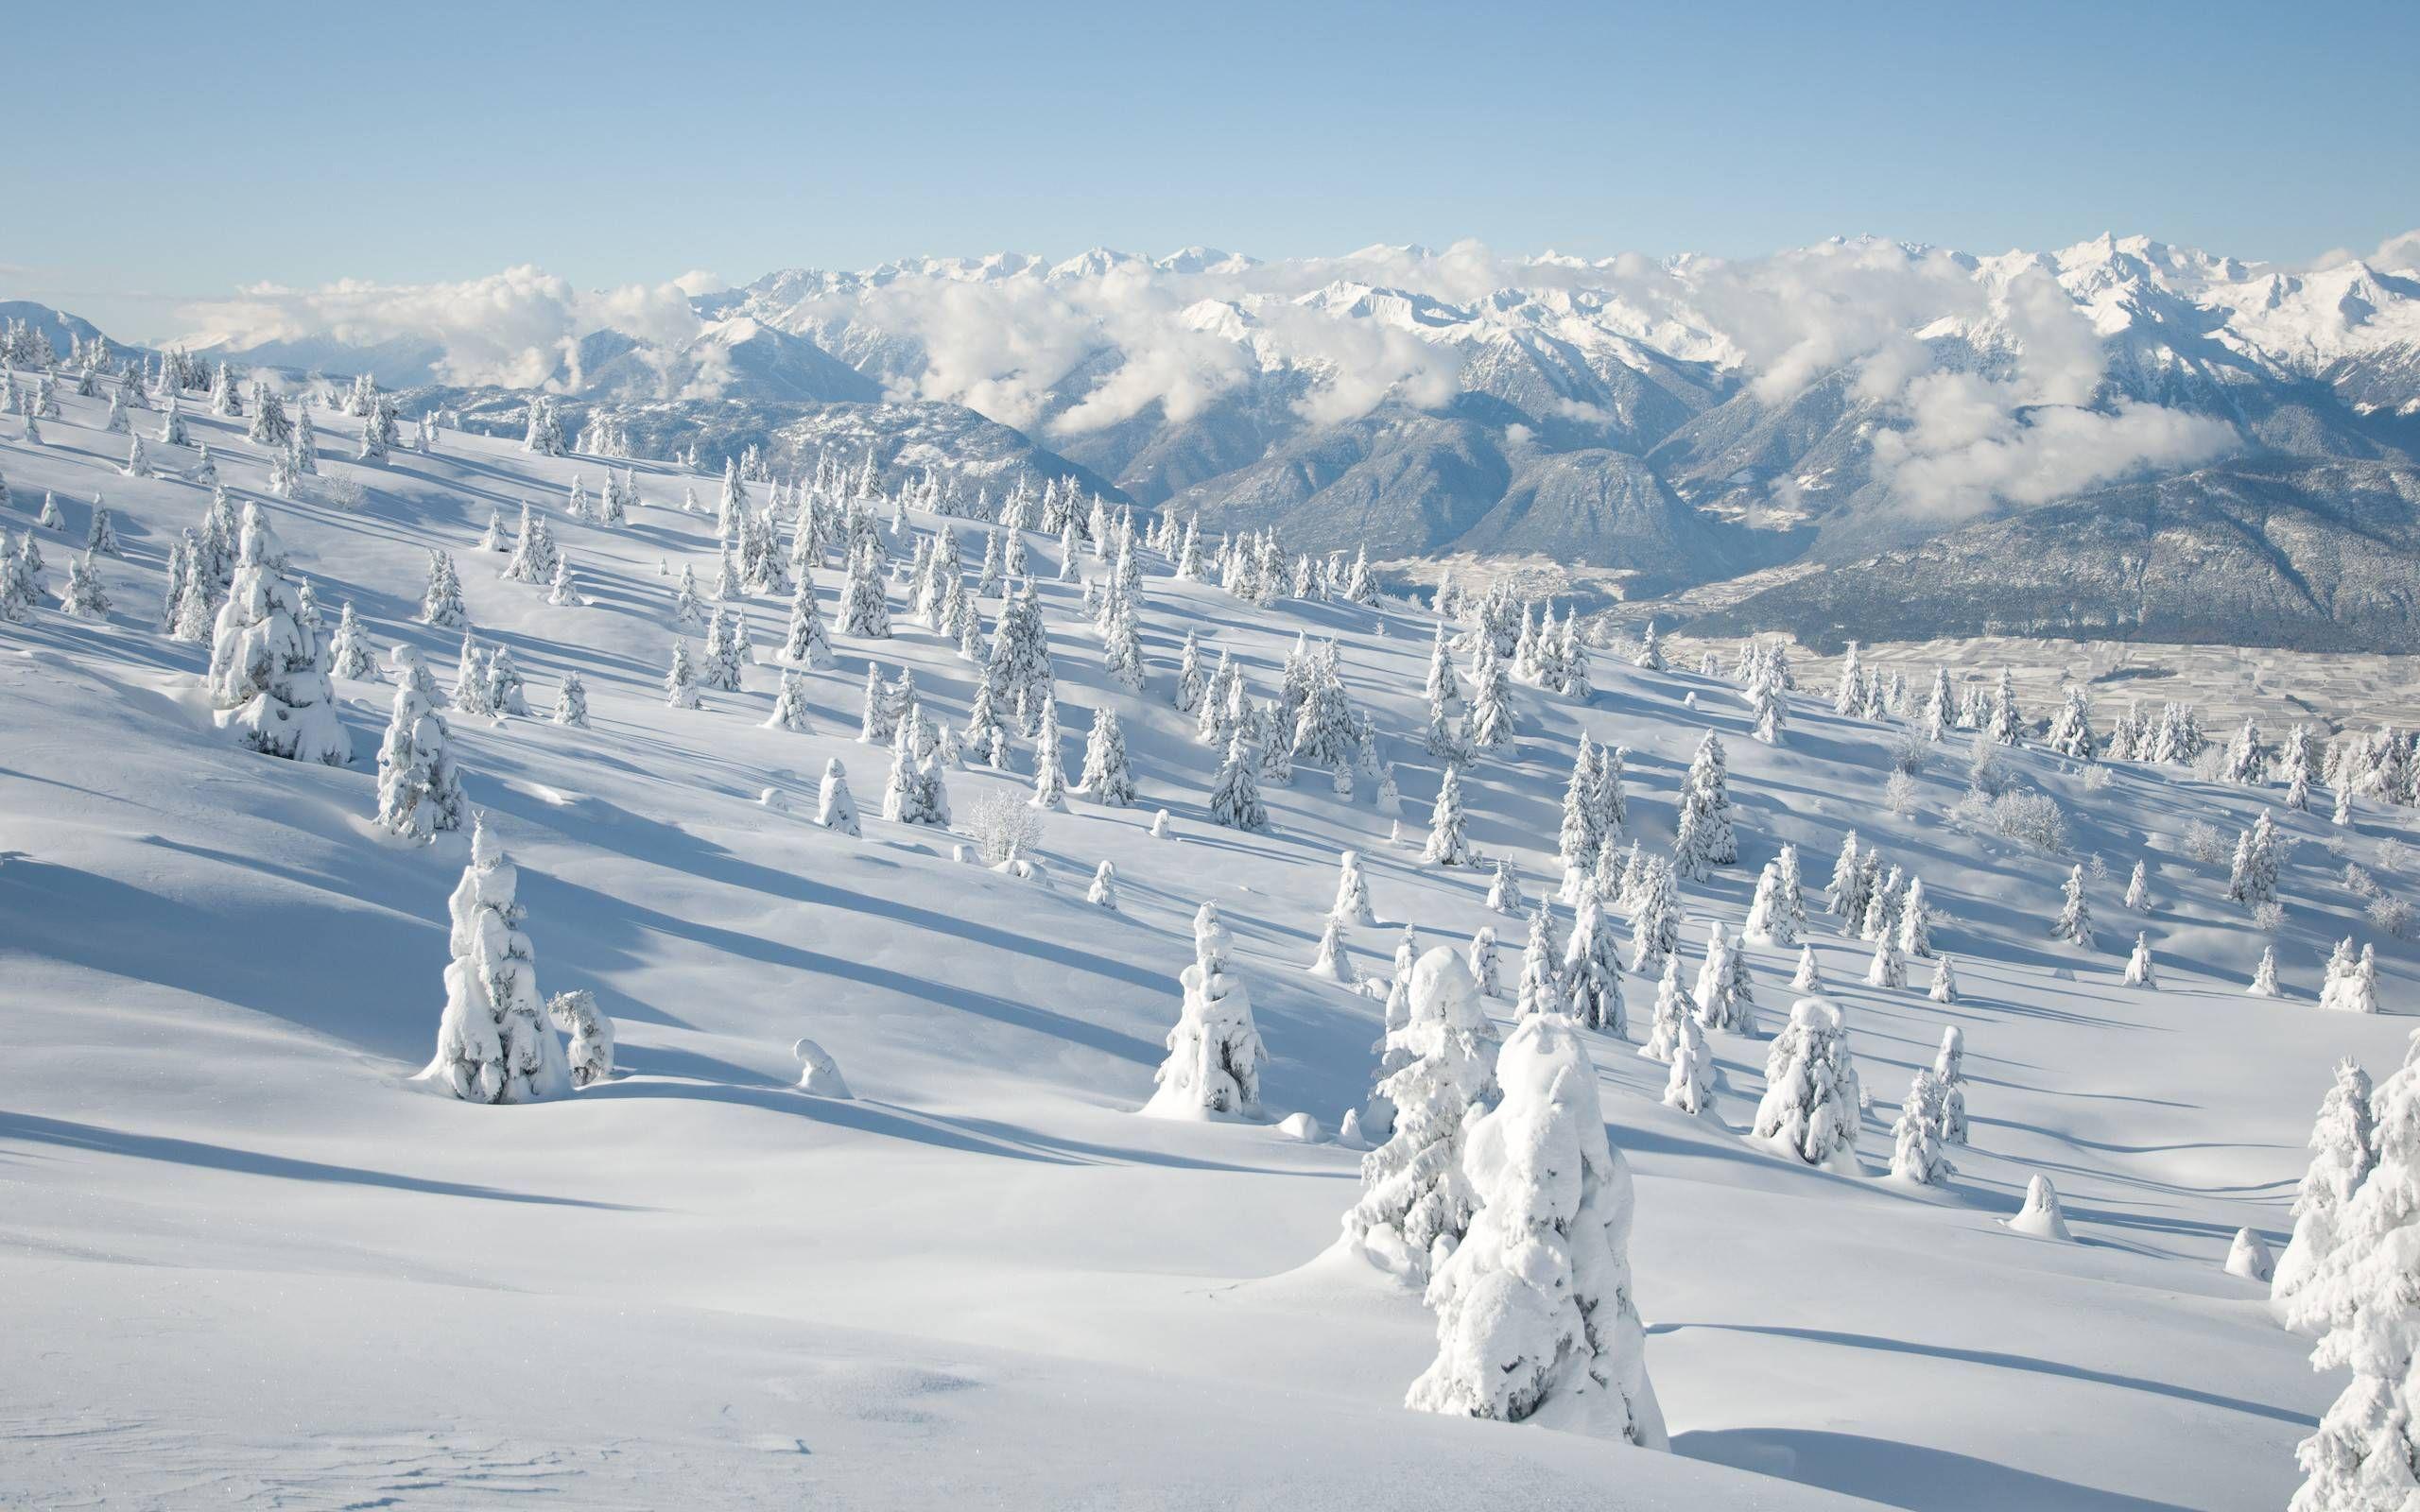 Snow Mountain Landscape Mountain Images Winter Landscape Winter Nature